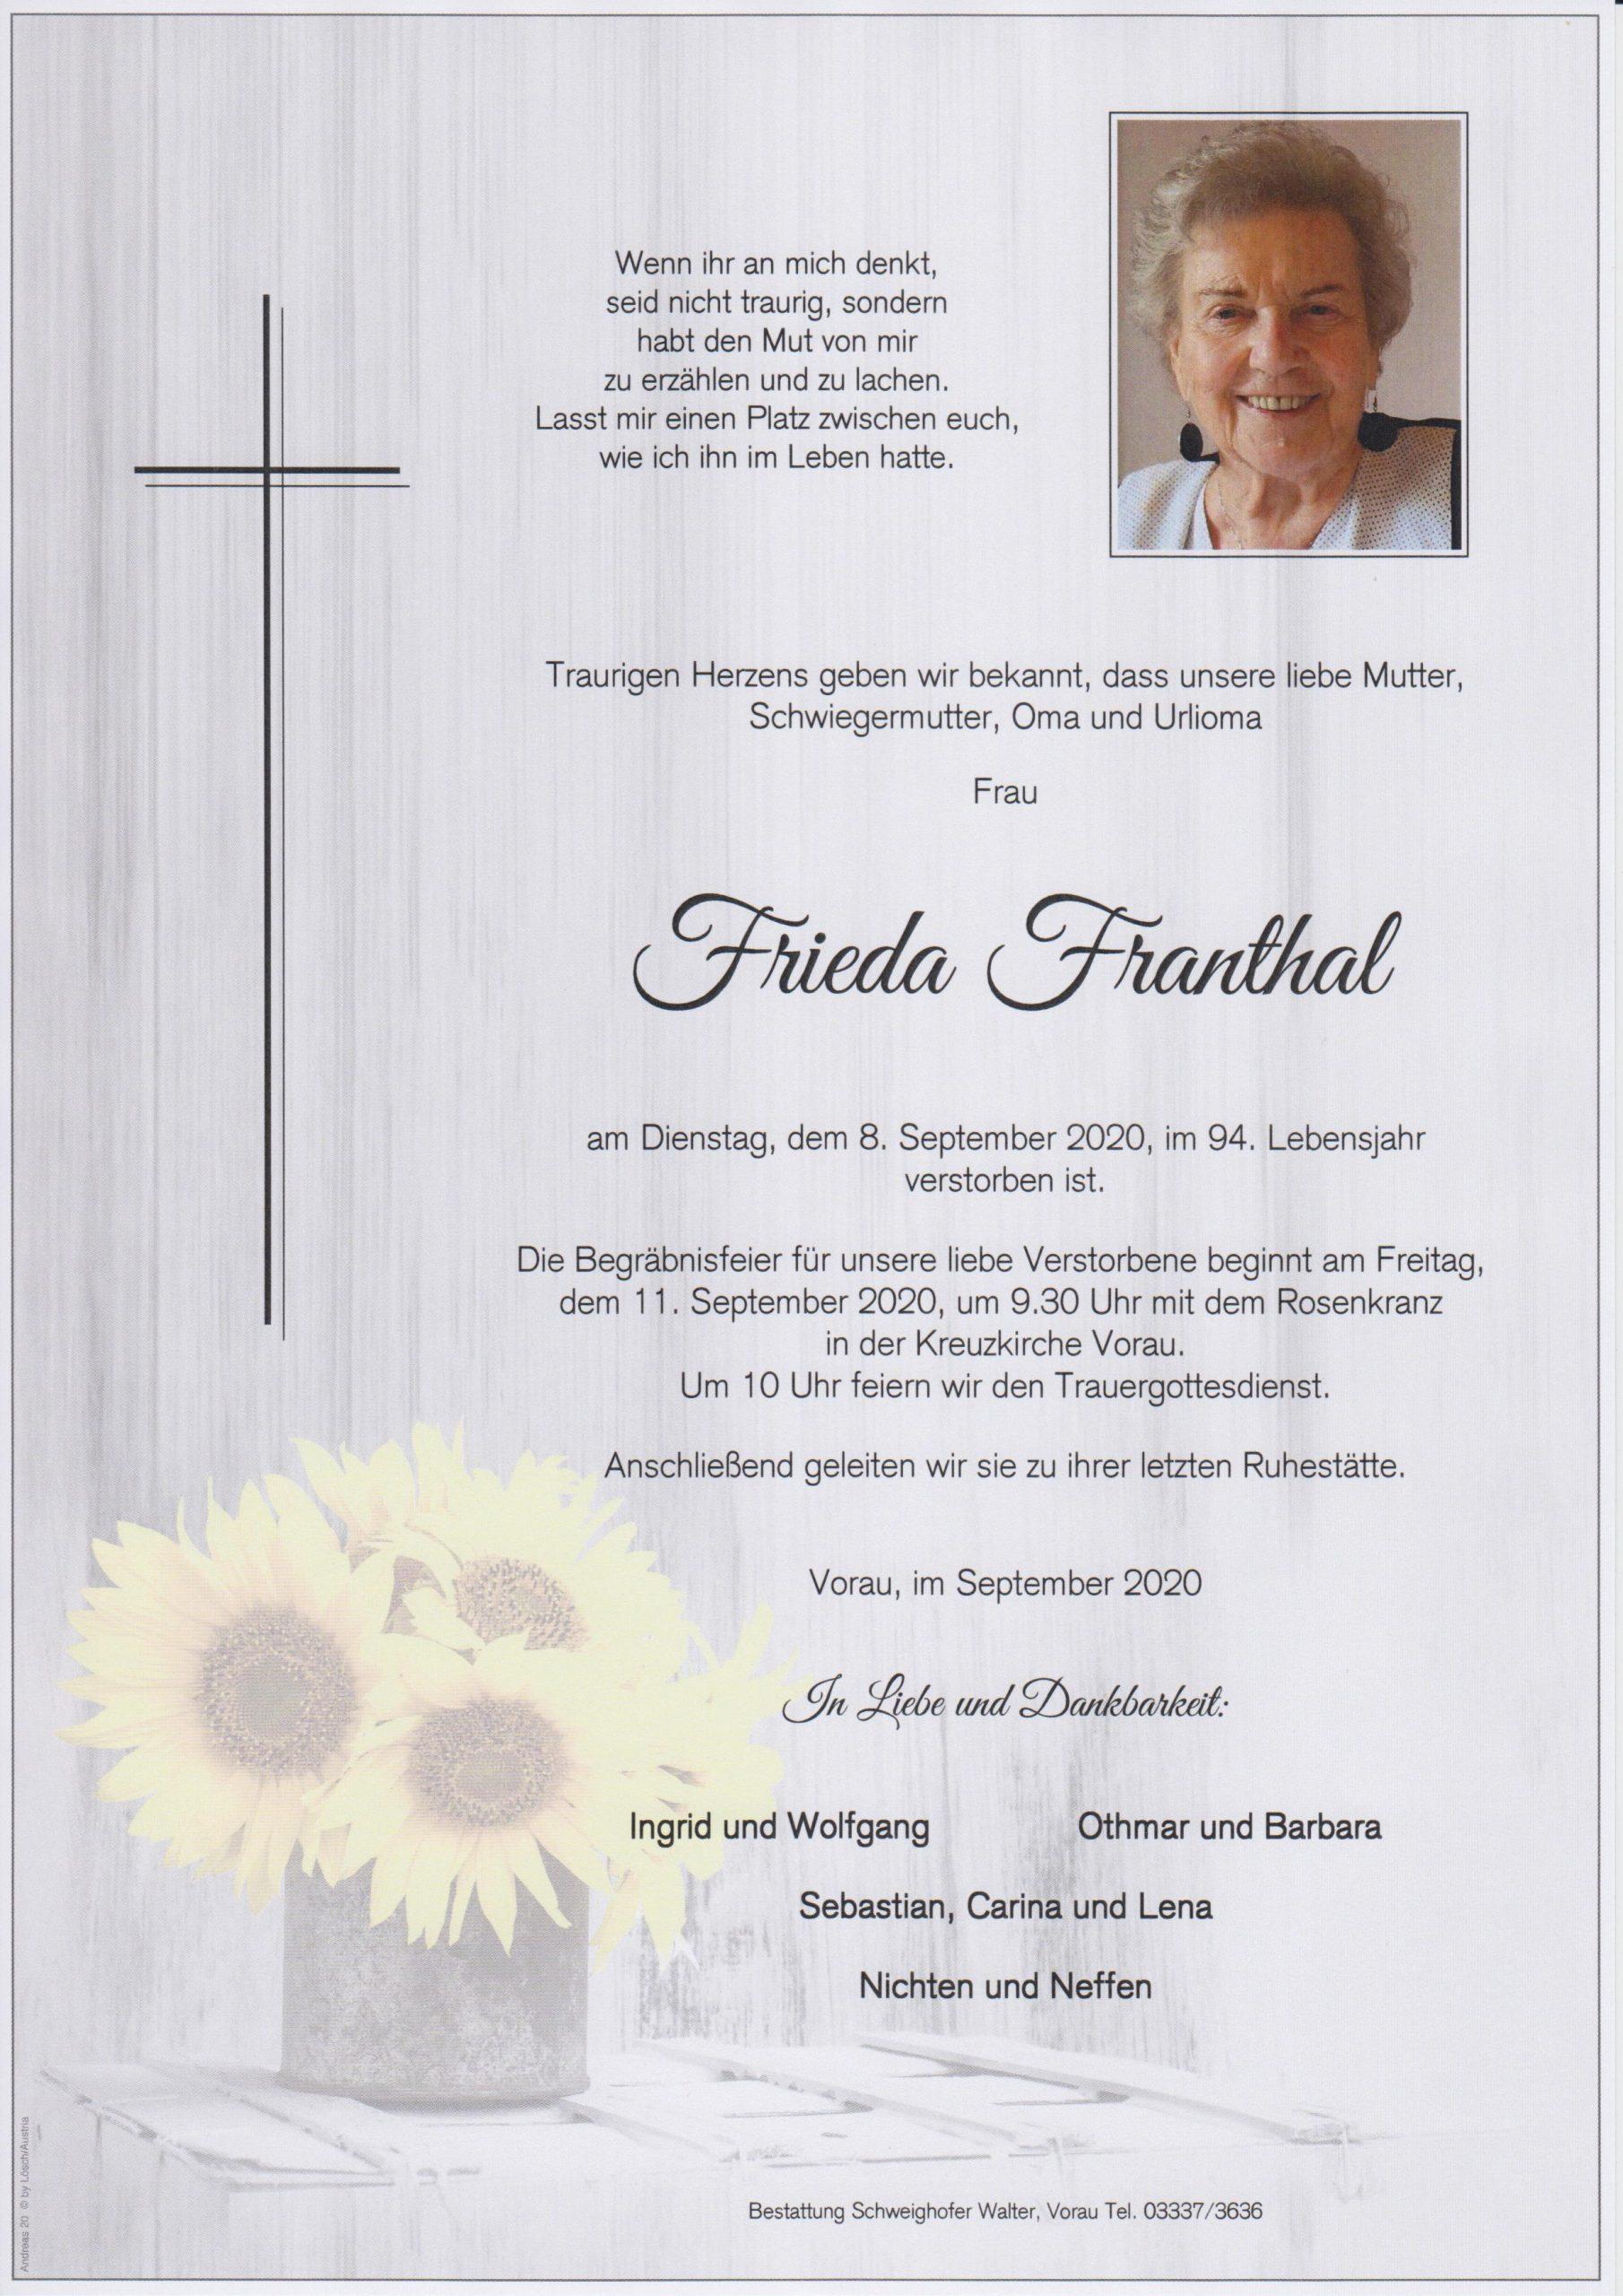 Frieda Franthal